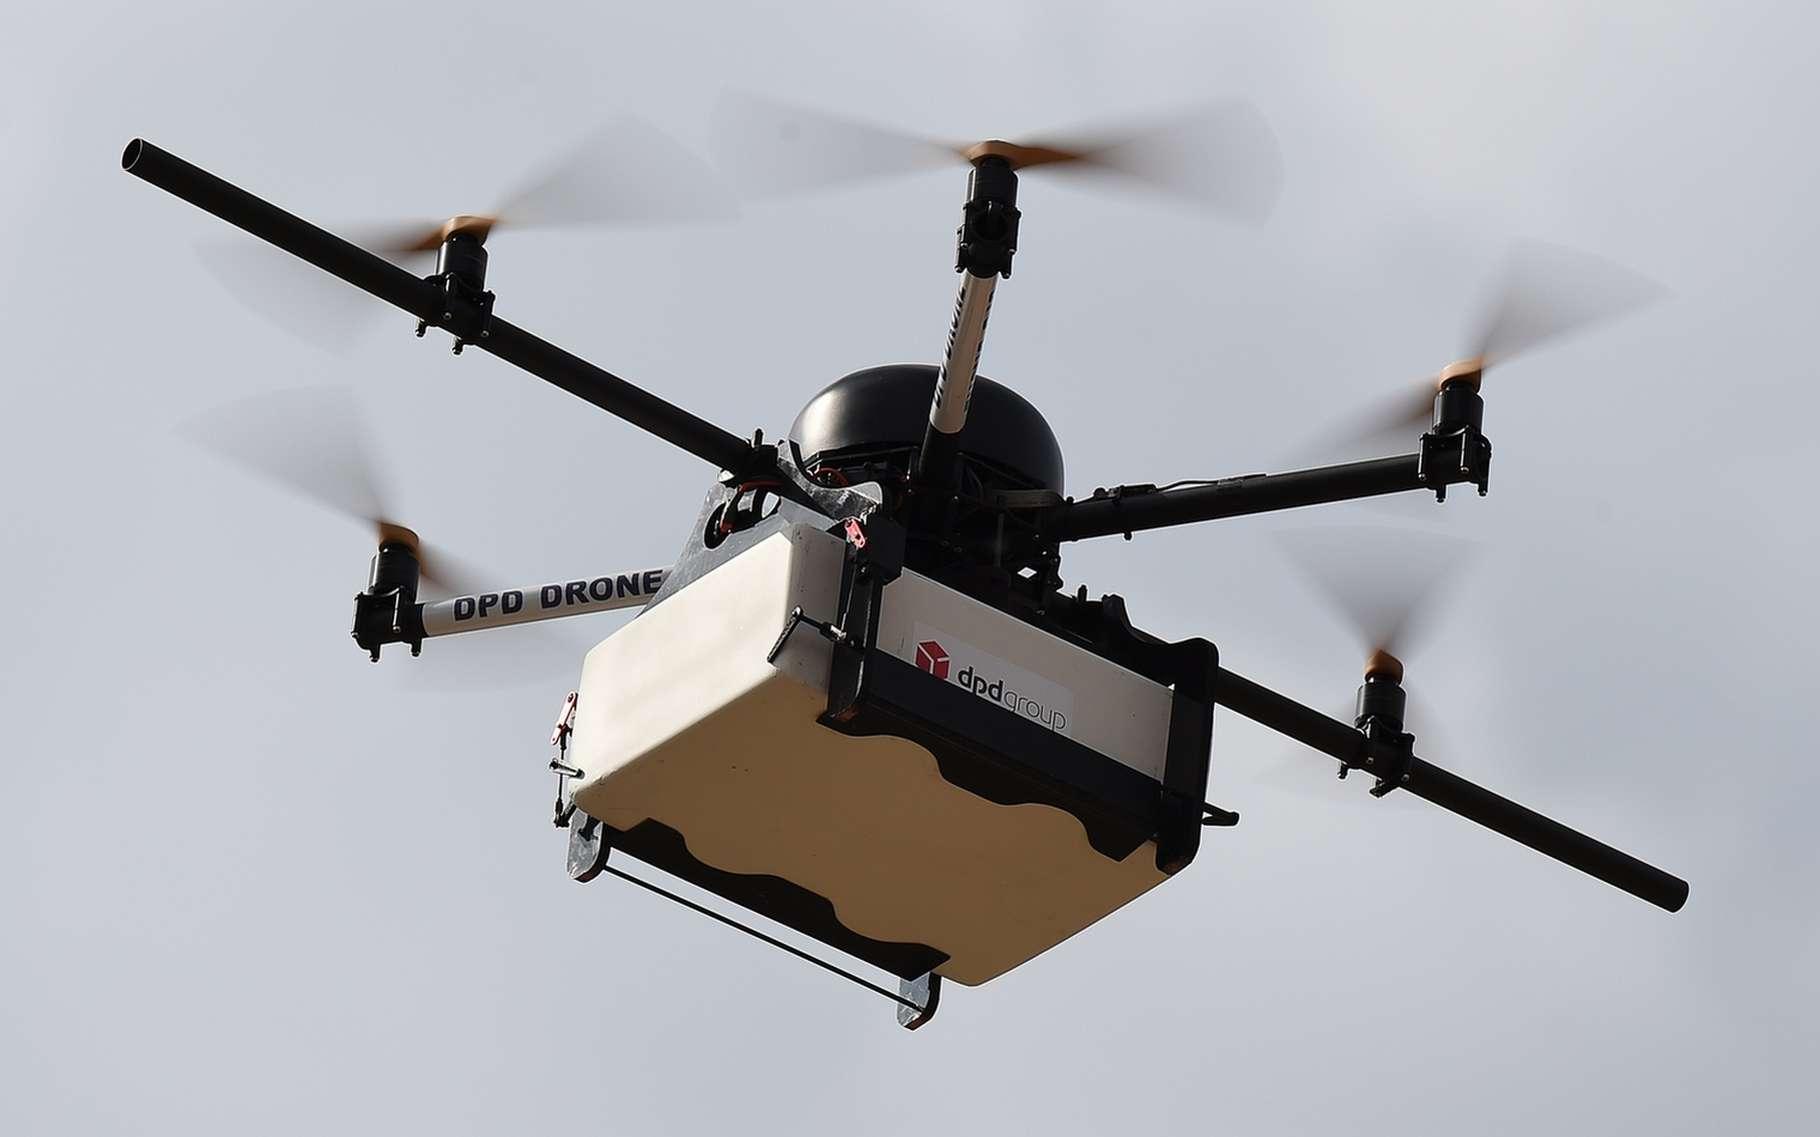 Le drone livreur de La Poste a été développé par l'entreprise varoise Atechsys. ©AFP Photo, Boris Horvat